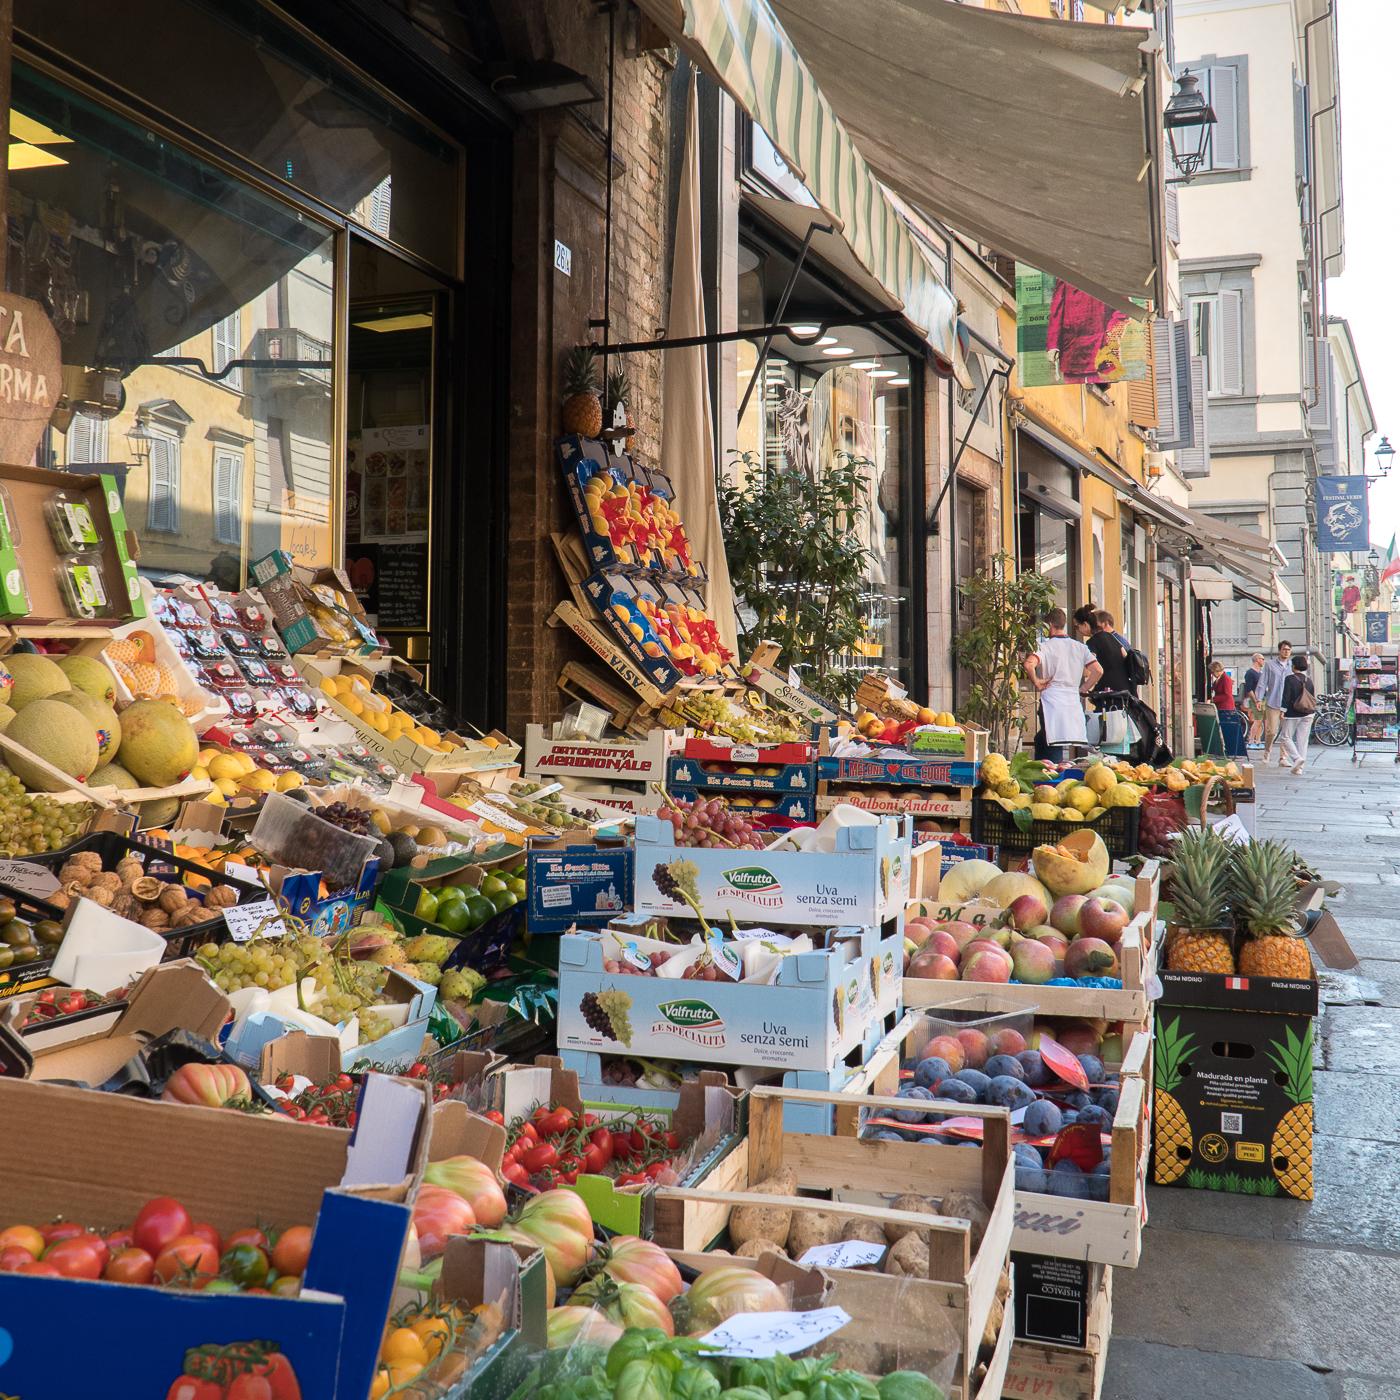 Marché italien dans les rues de Parma